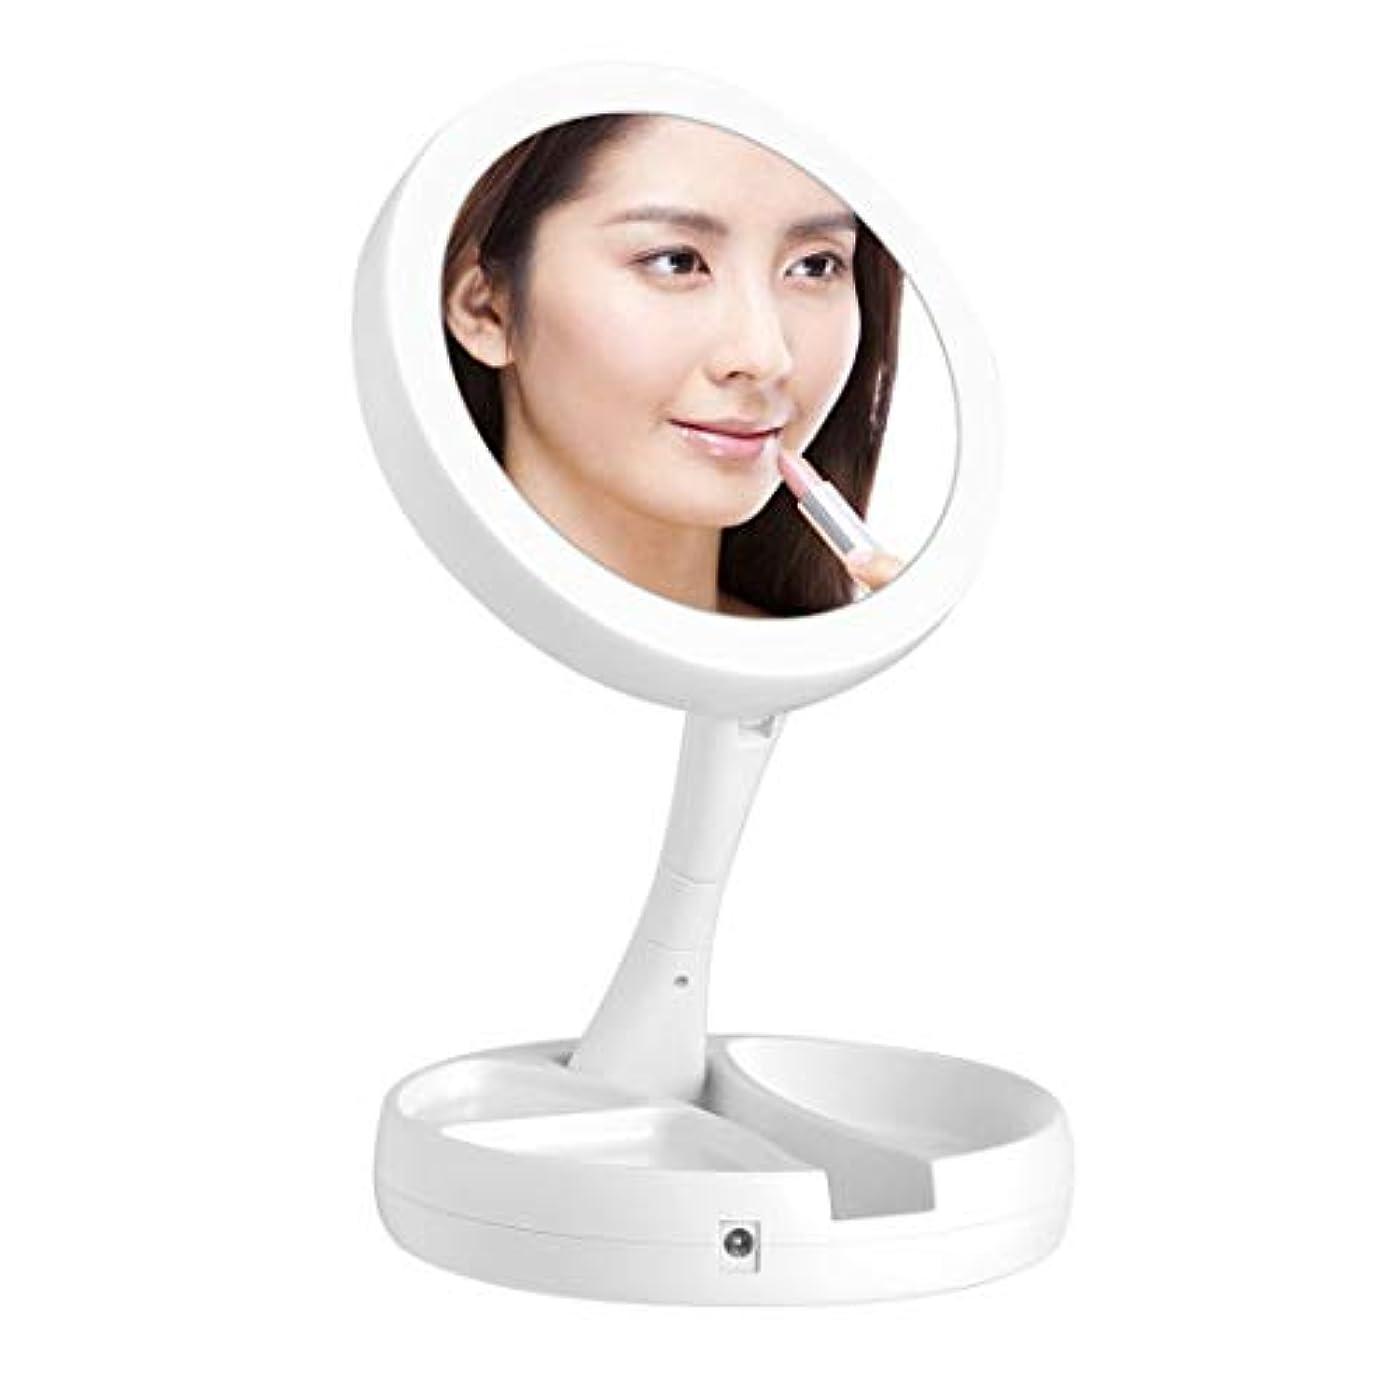 境界フレアスマイルkamaa化粧鏡 化粧ミラー 女優ミラー LED両面鏡 鏡 10倍拡大鏡付き 折り畳み式 卓上 テーブルランプUSB/電池給電 180°回転